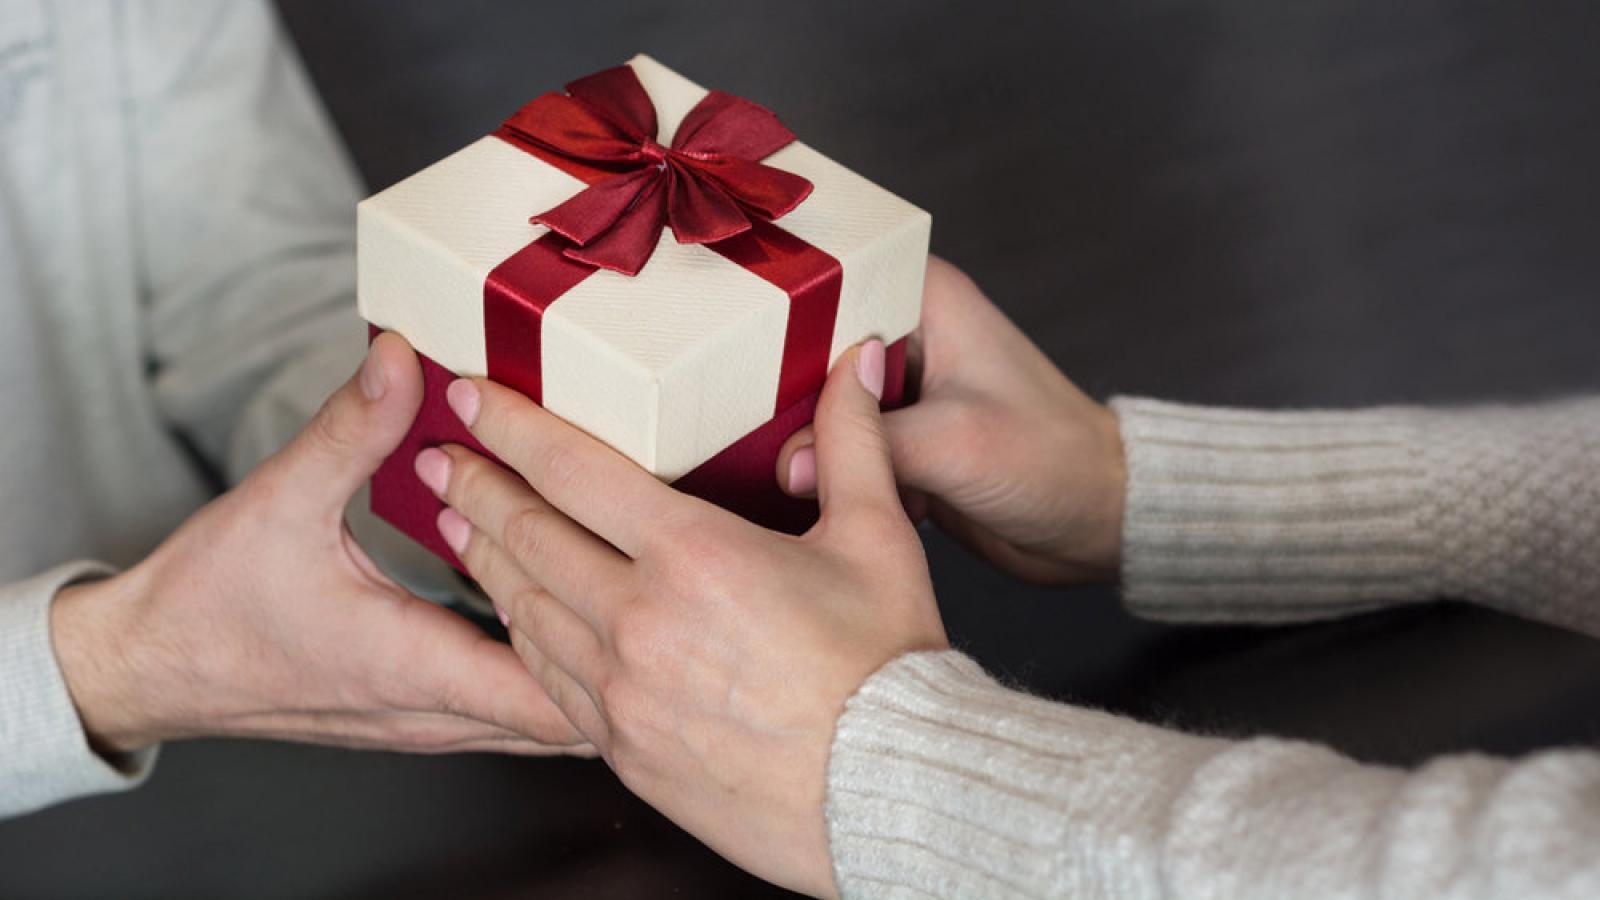 «Подарок» от злоумышленника